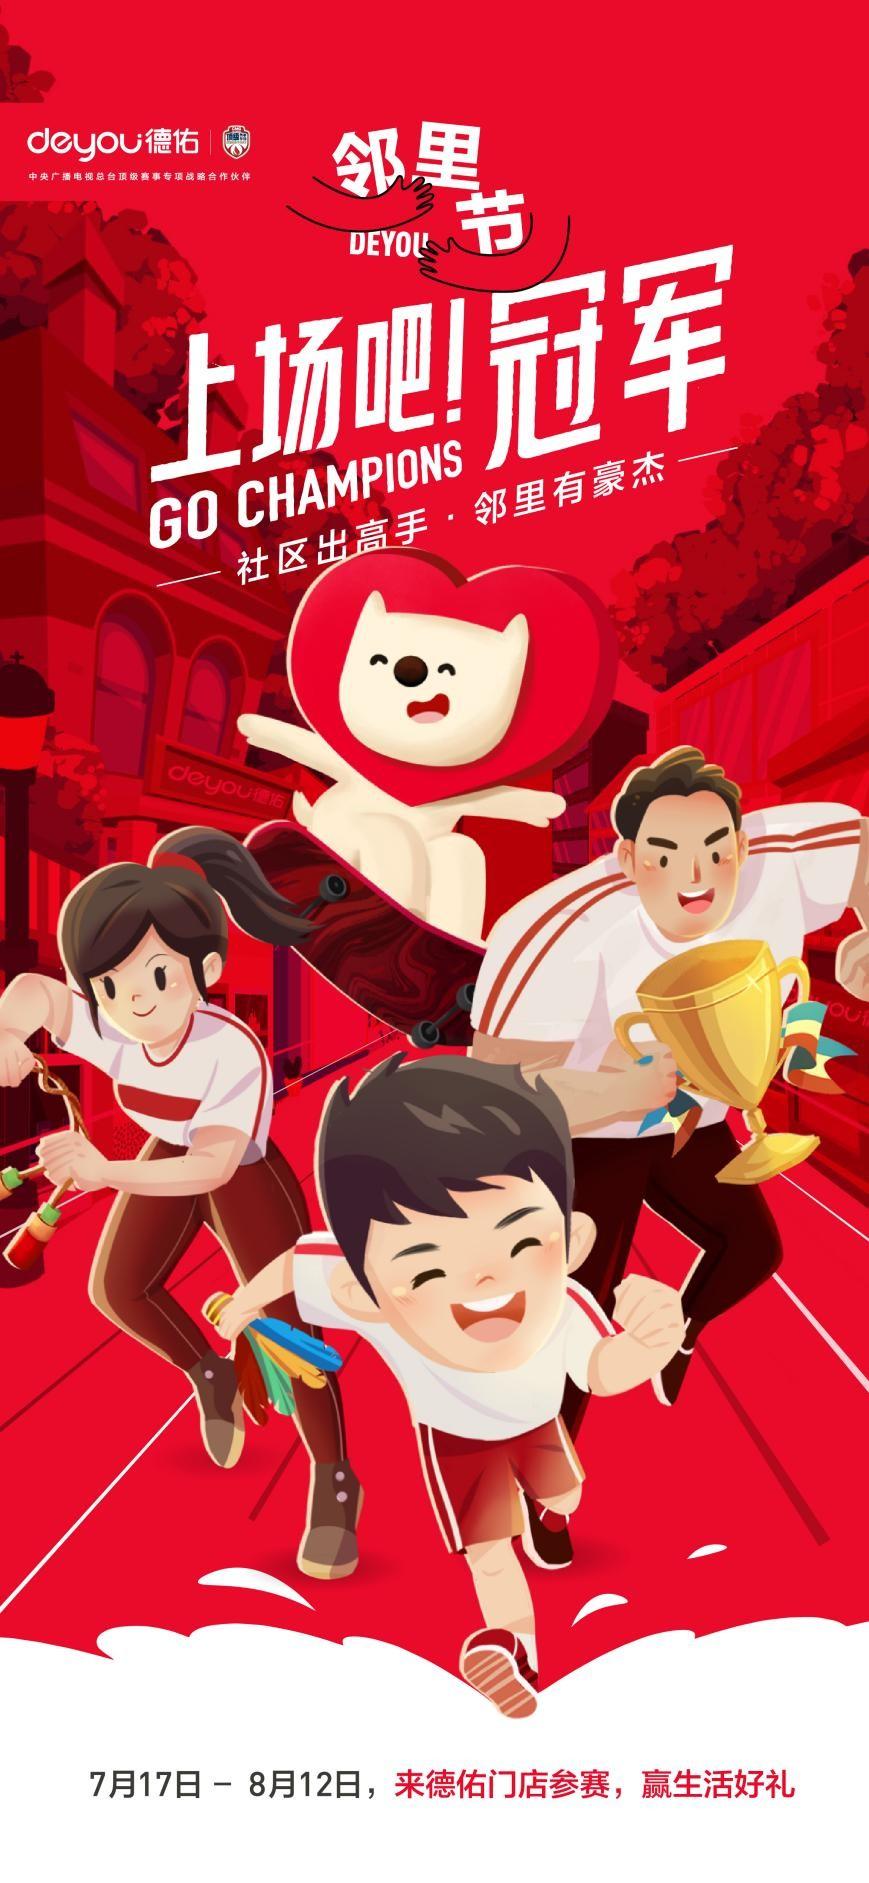 第三届德佑邻里节开幕:将奥运精神带进每个门店